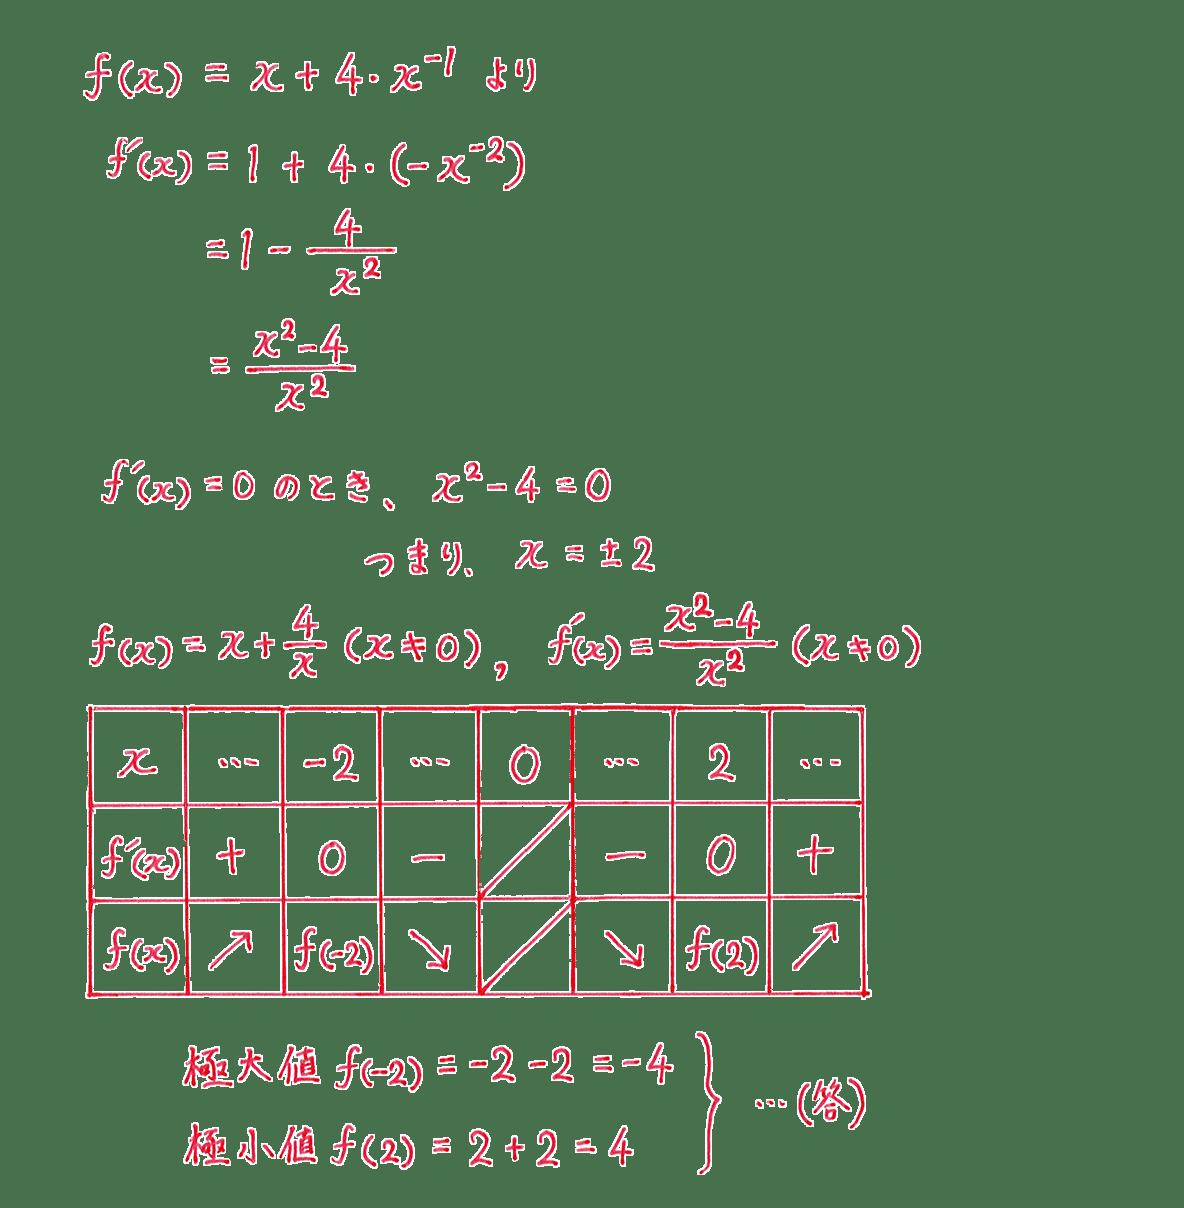 微分法の応用10 問題 答え